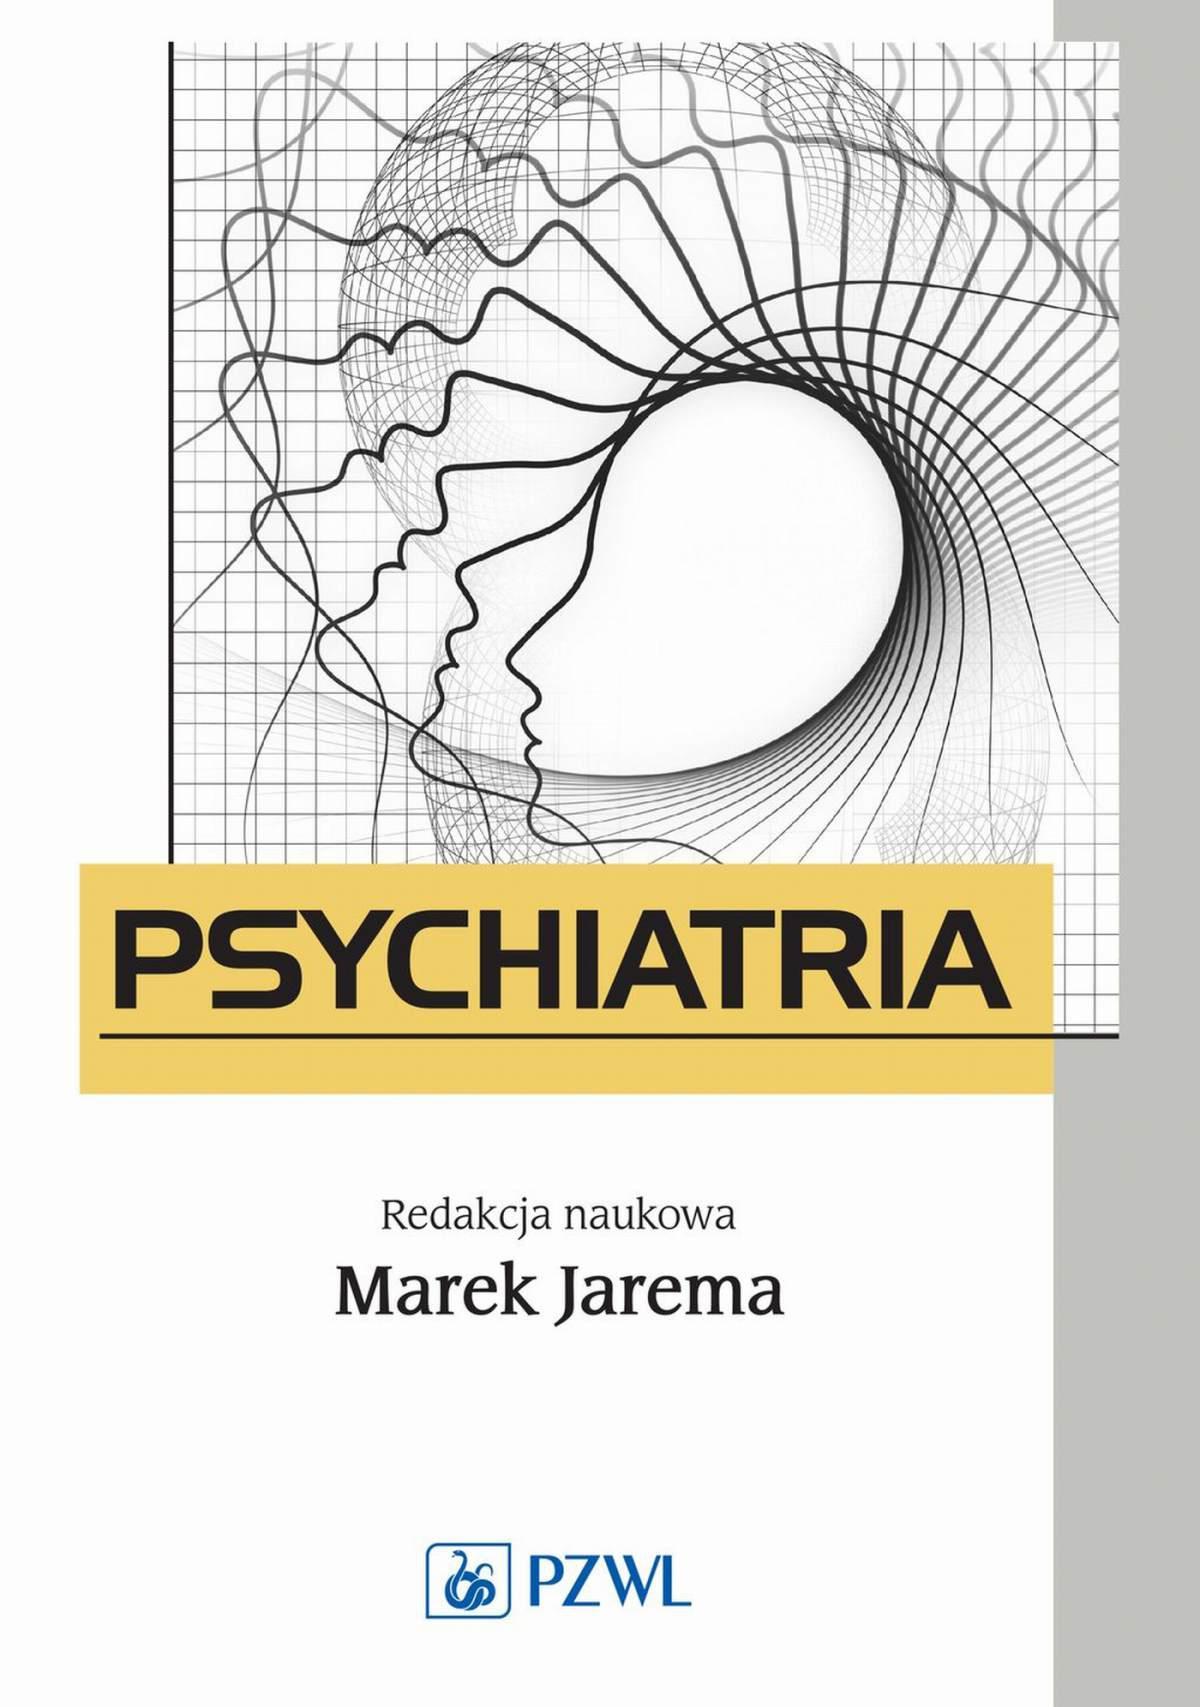 Psychiatria. Podręcznik dla studentów medycyny - Ebook (Książka EPUB) do pobrania w formacie EPUB